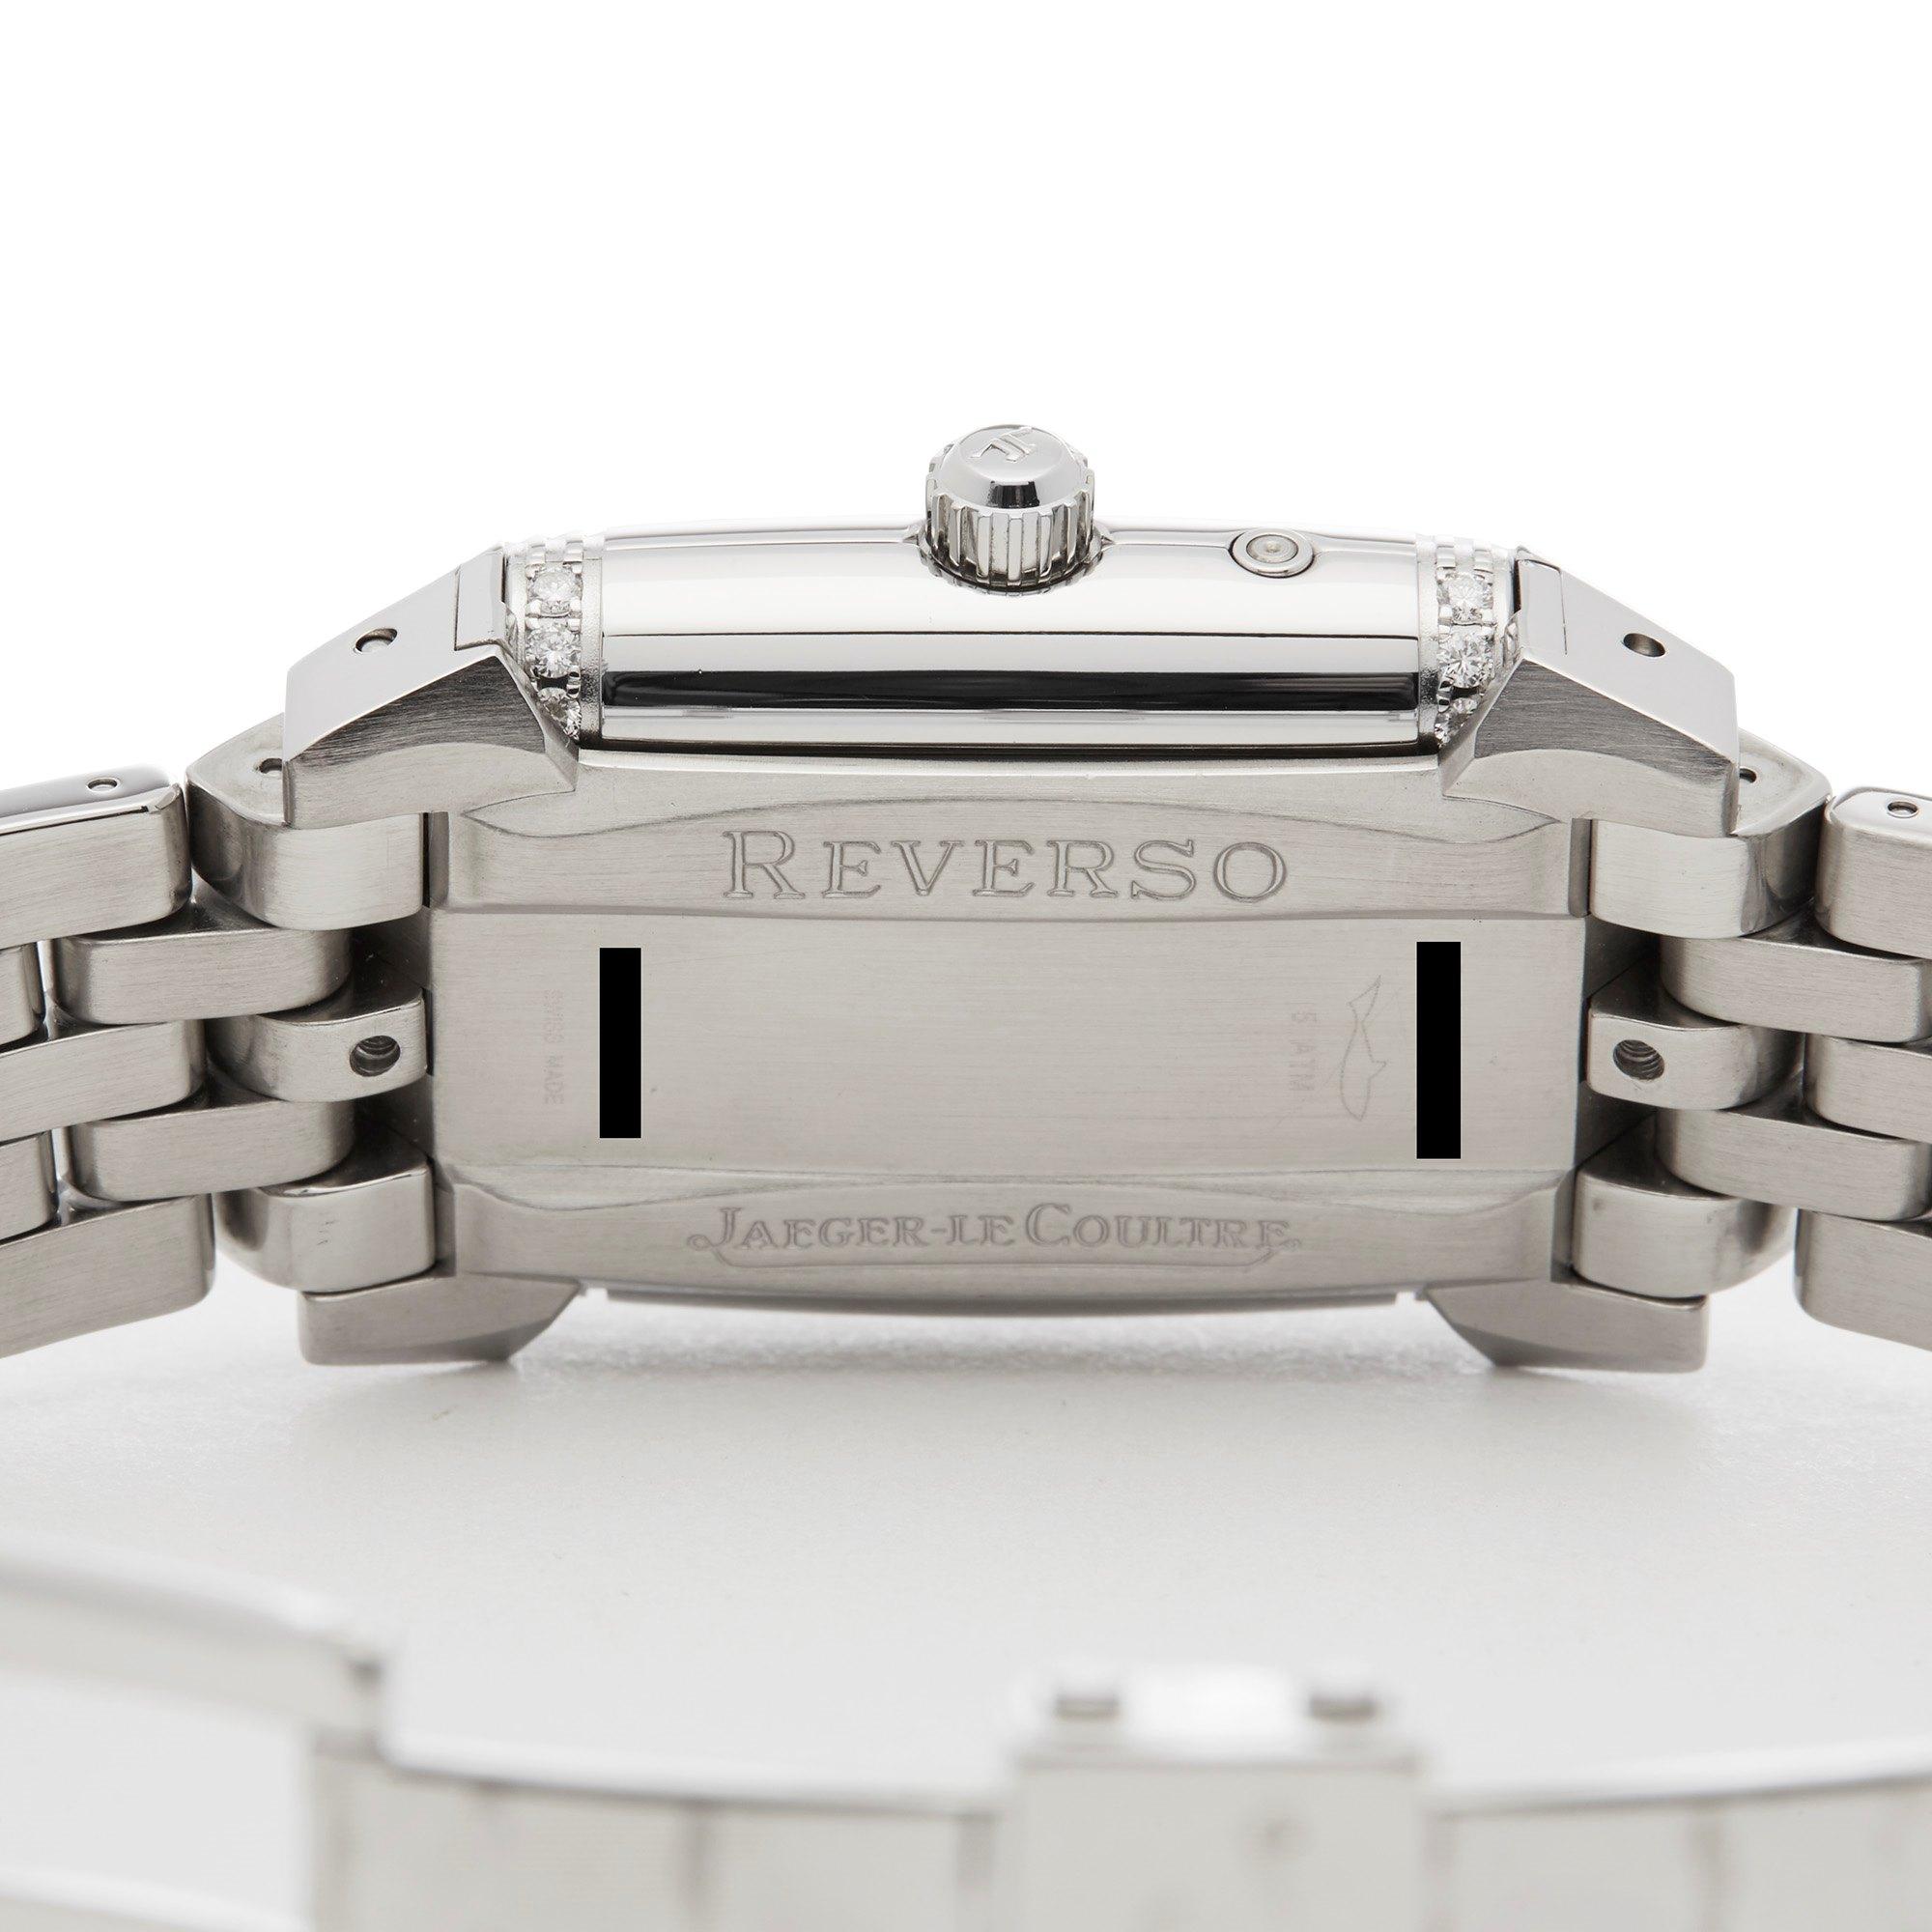 Jaeger-LeCoultre Reverso Diamond Stainless Steel 296.8.74